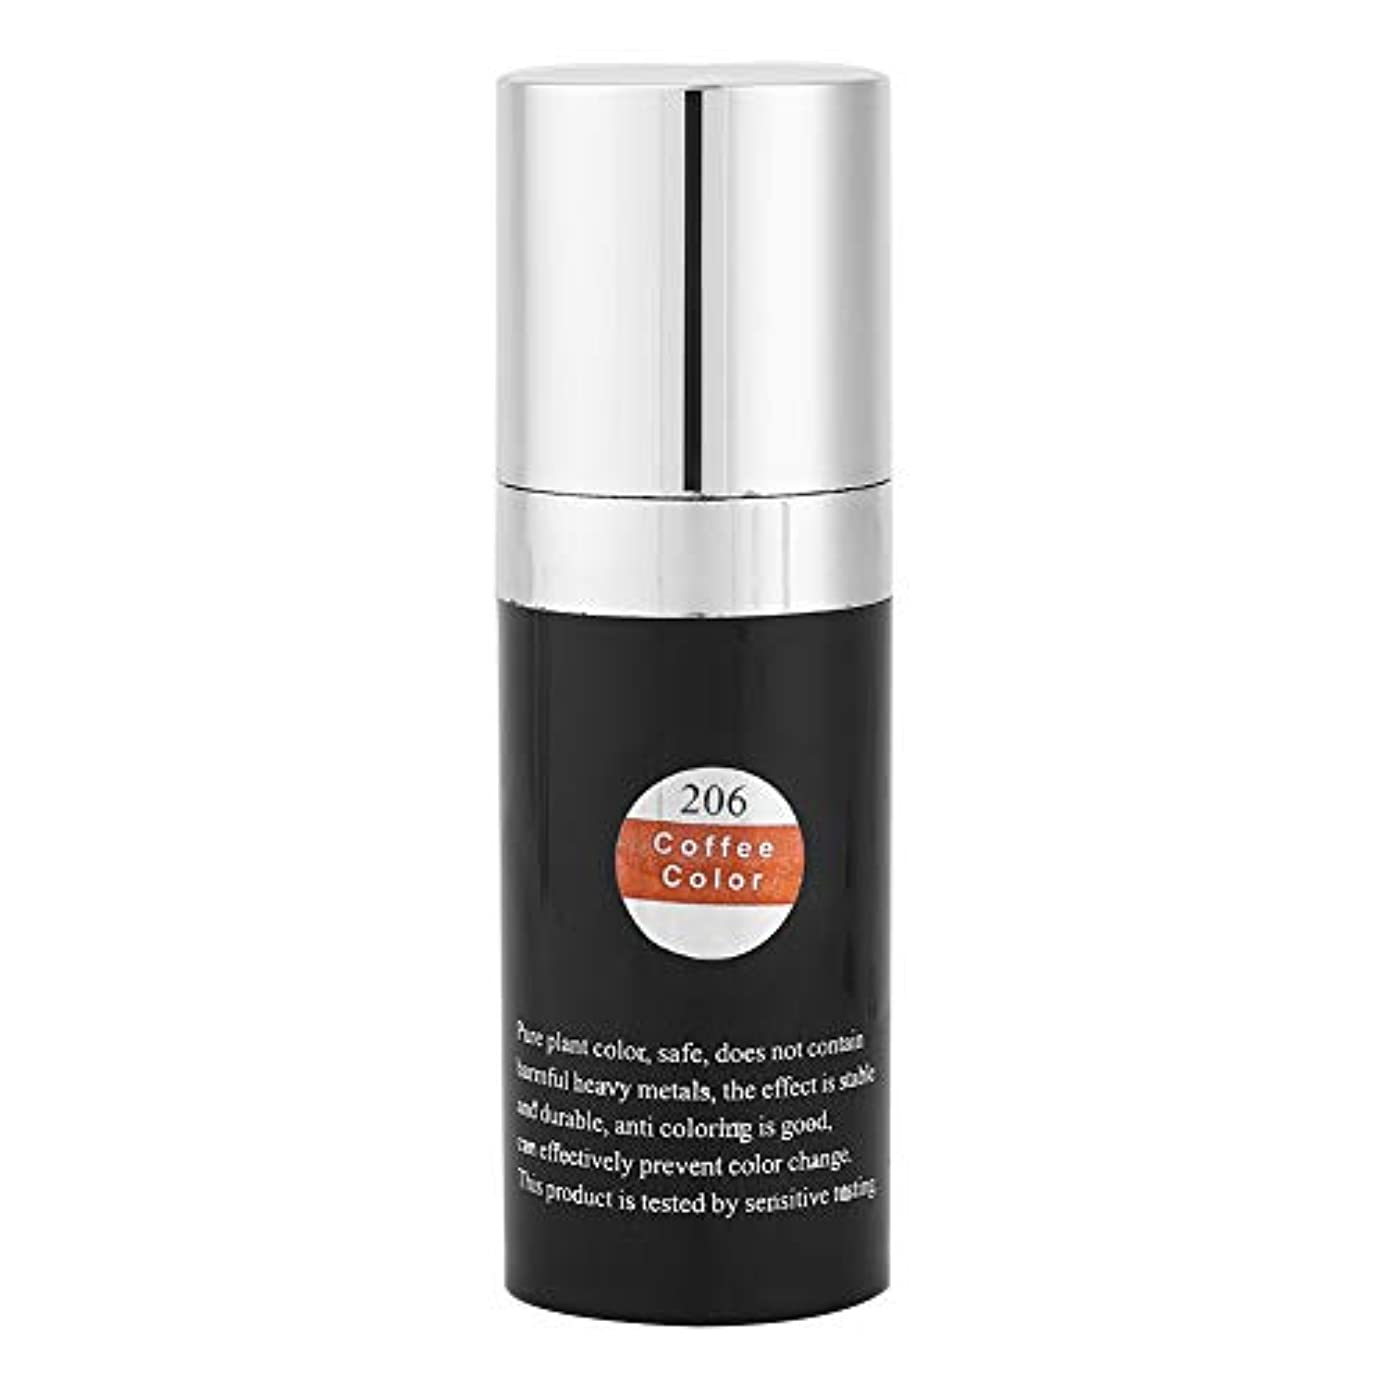 虎壁豊かにする6色顔料の入れ墨、有機性植物の顔料インク眉毛の唇の目ライン永久的な色の構造の入れ墨の化粧品インク(コーヒー)